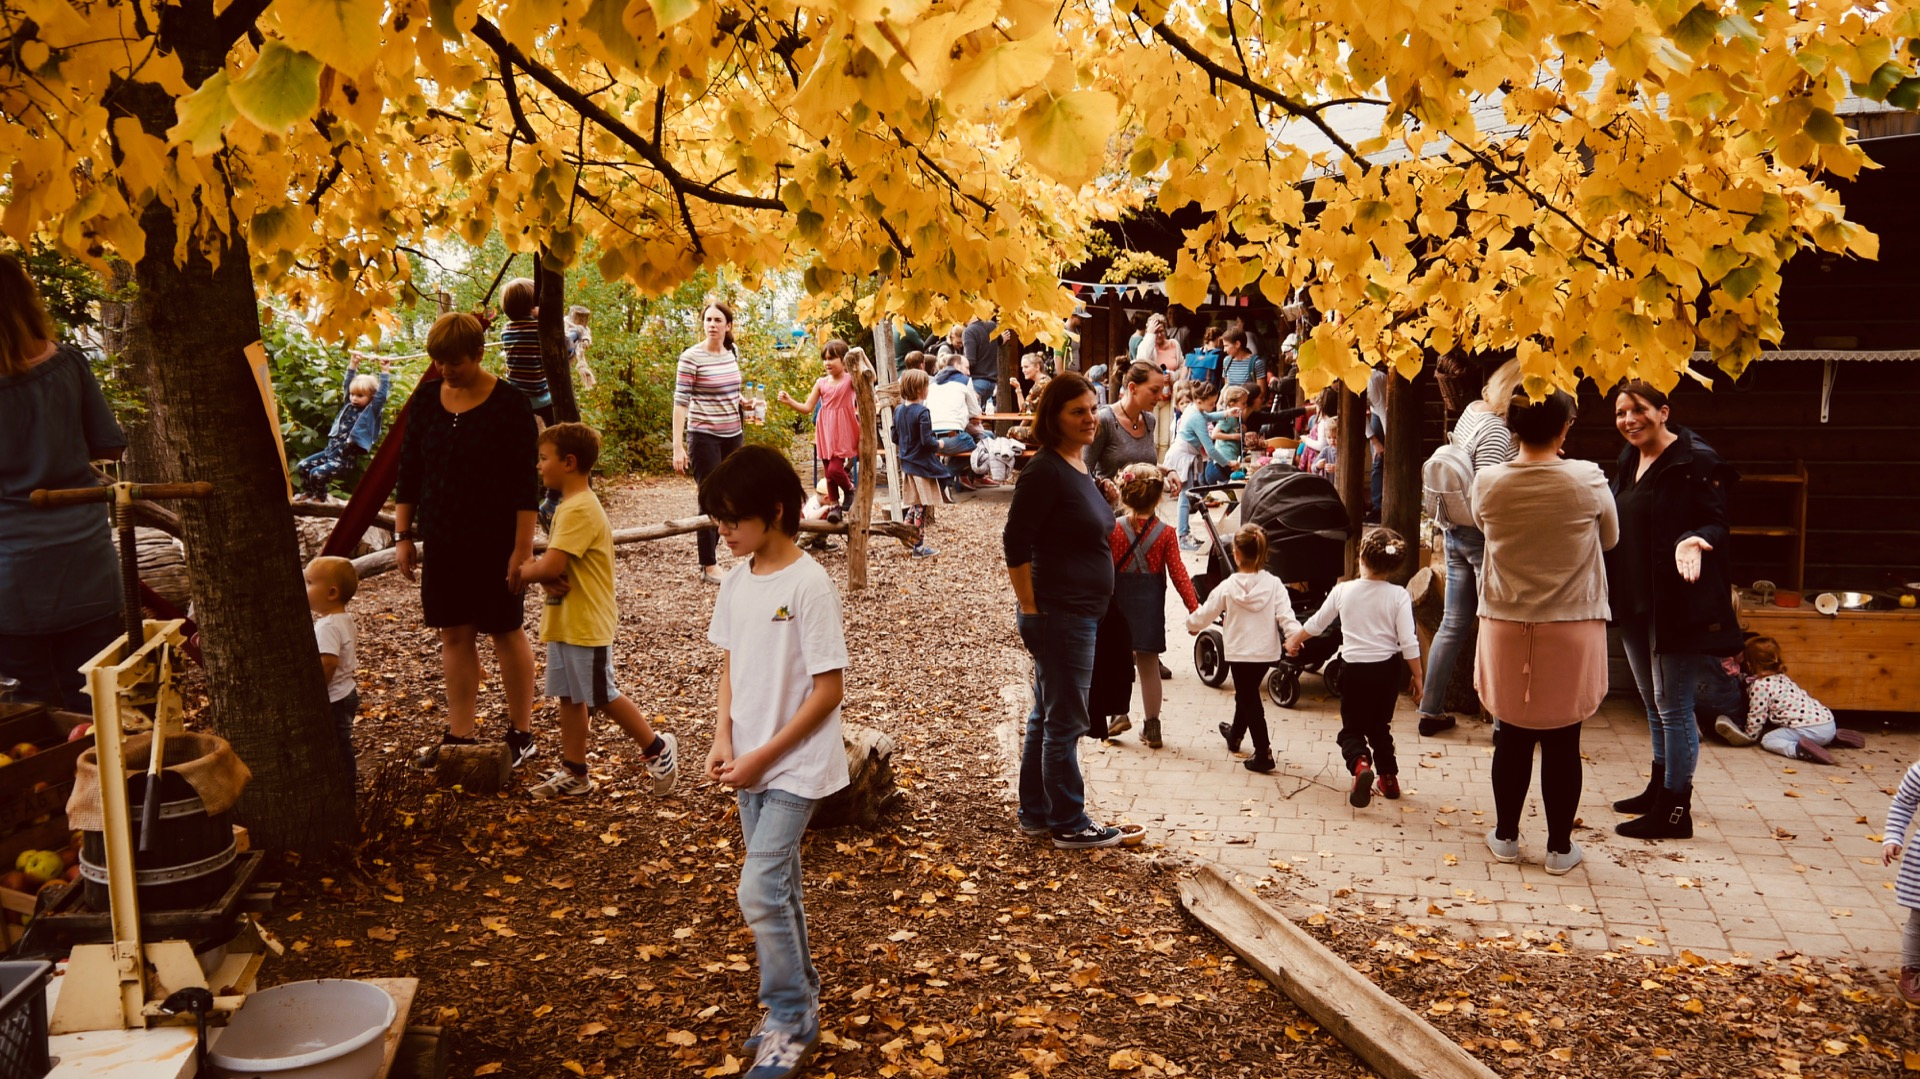 Neue Bilder vom Herbstfest in der internen Bildergalerie verfügbar